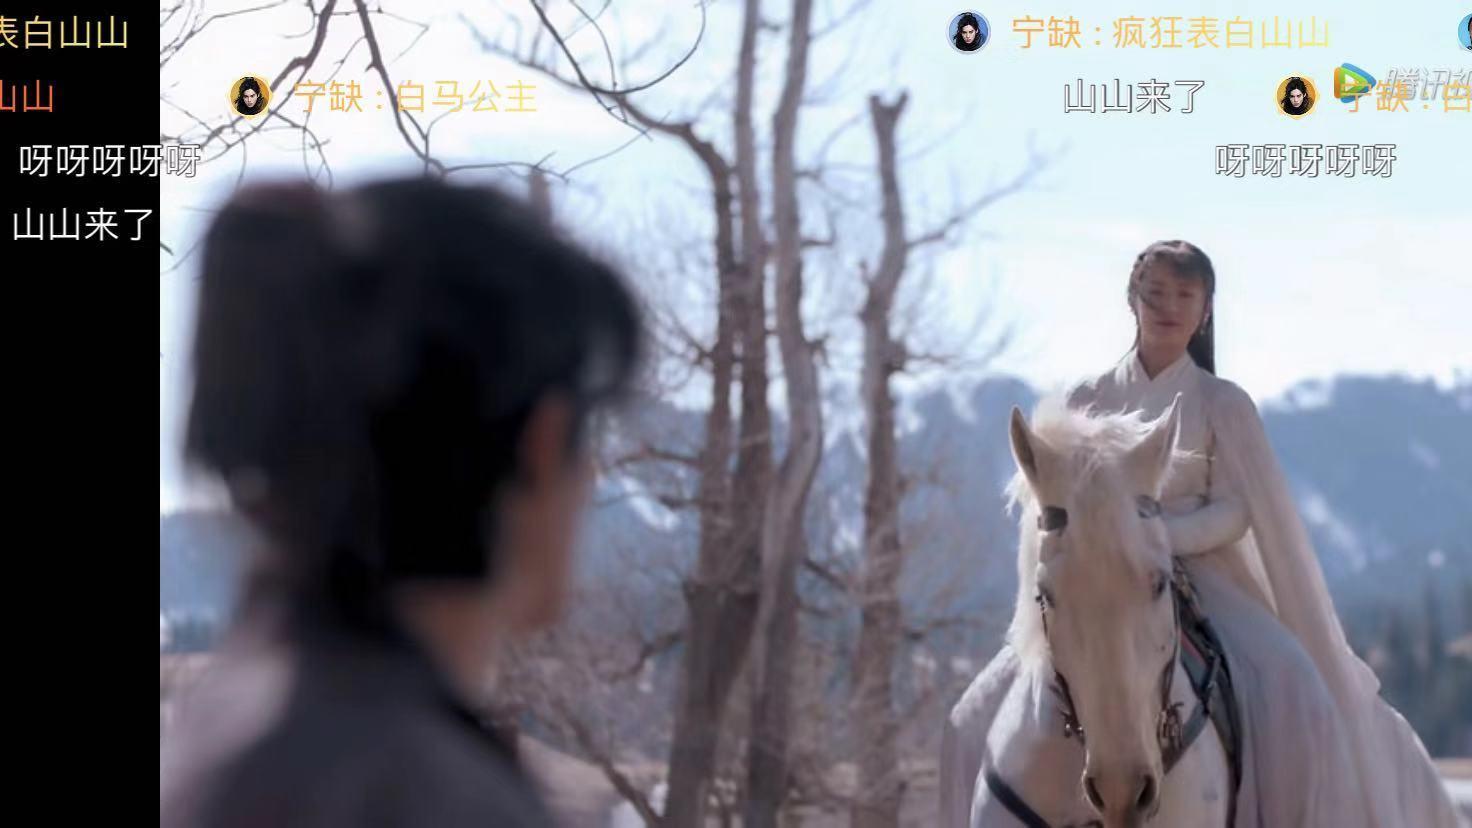 《將夜2》開播, 王鶴棣版寧缺比陳飛宇接地氣, 演技可圈可點